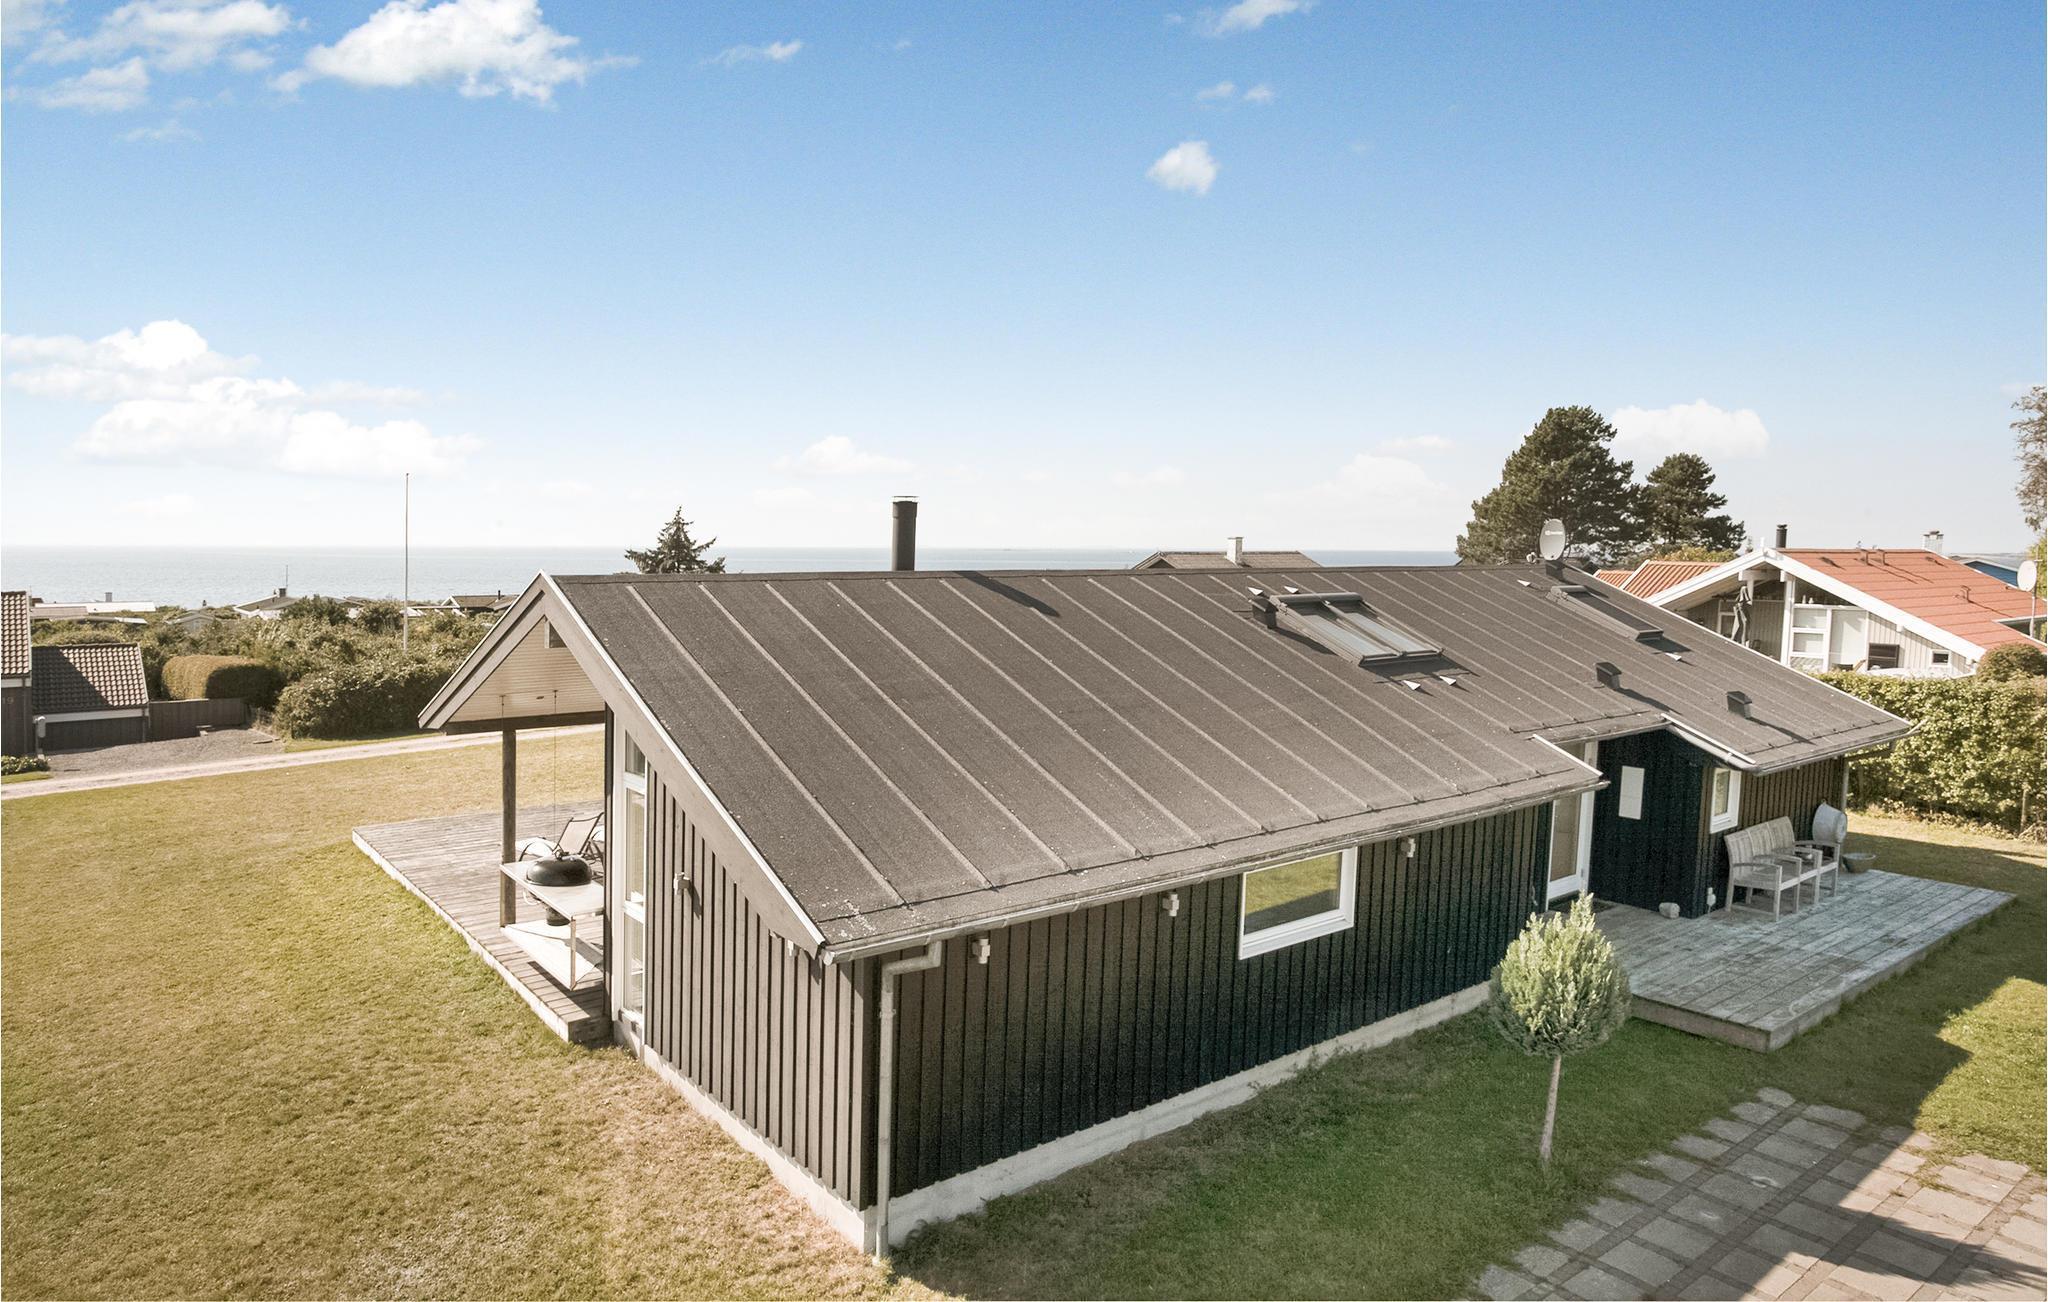 Sommerhus 6 personer Idunsvej Drøsselbjerg 4200 Slagelse